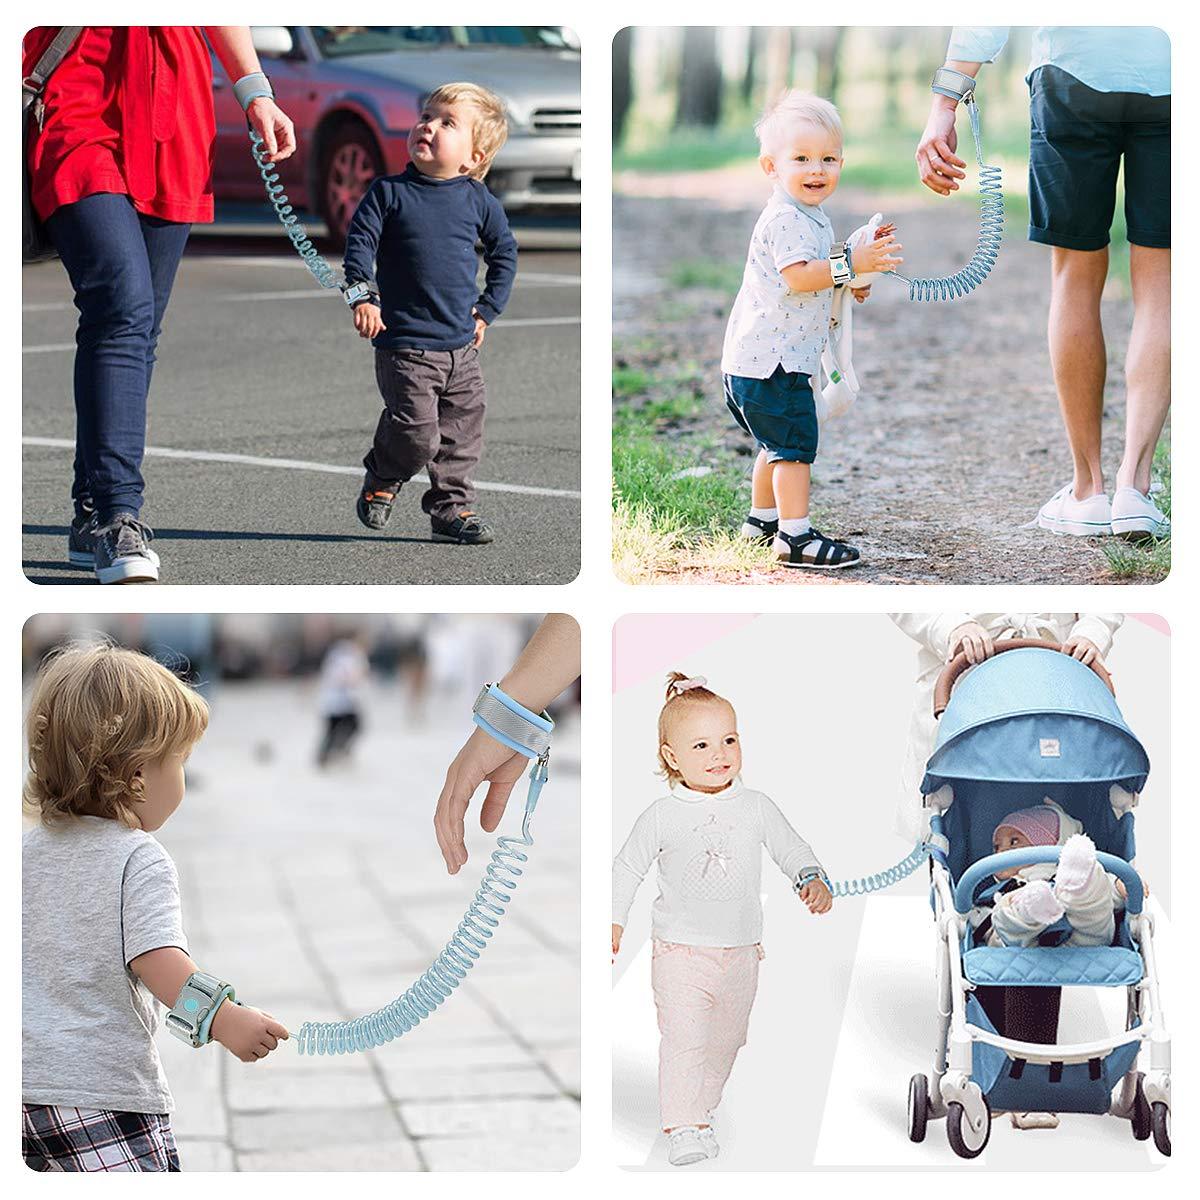 Laisse Poignet Enfant,Harnais de S/écurit/é pour Enfant 1.5m//Bleu perdu Ceinture Harnais de S/écurit/é Enfant pour S/écurit/é Poignet Corde. Anti